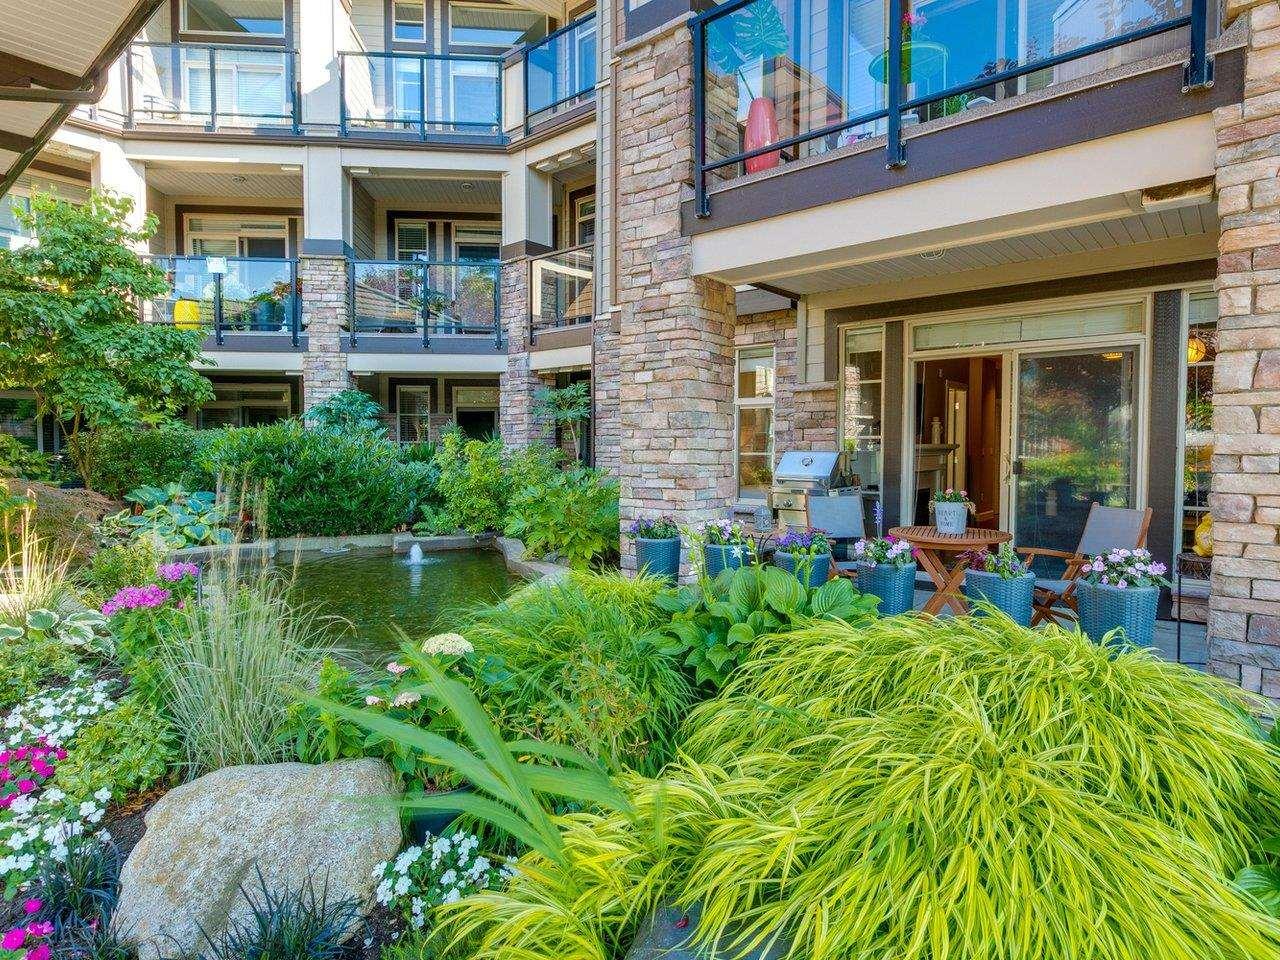 103 15195 36 AVENUE - Morgan Creek Apartment/Condo for sale, 1 Bedroom (R2605187)